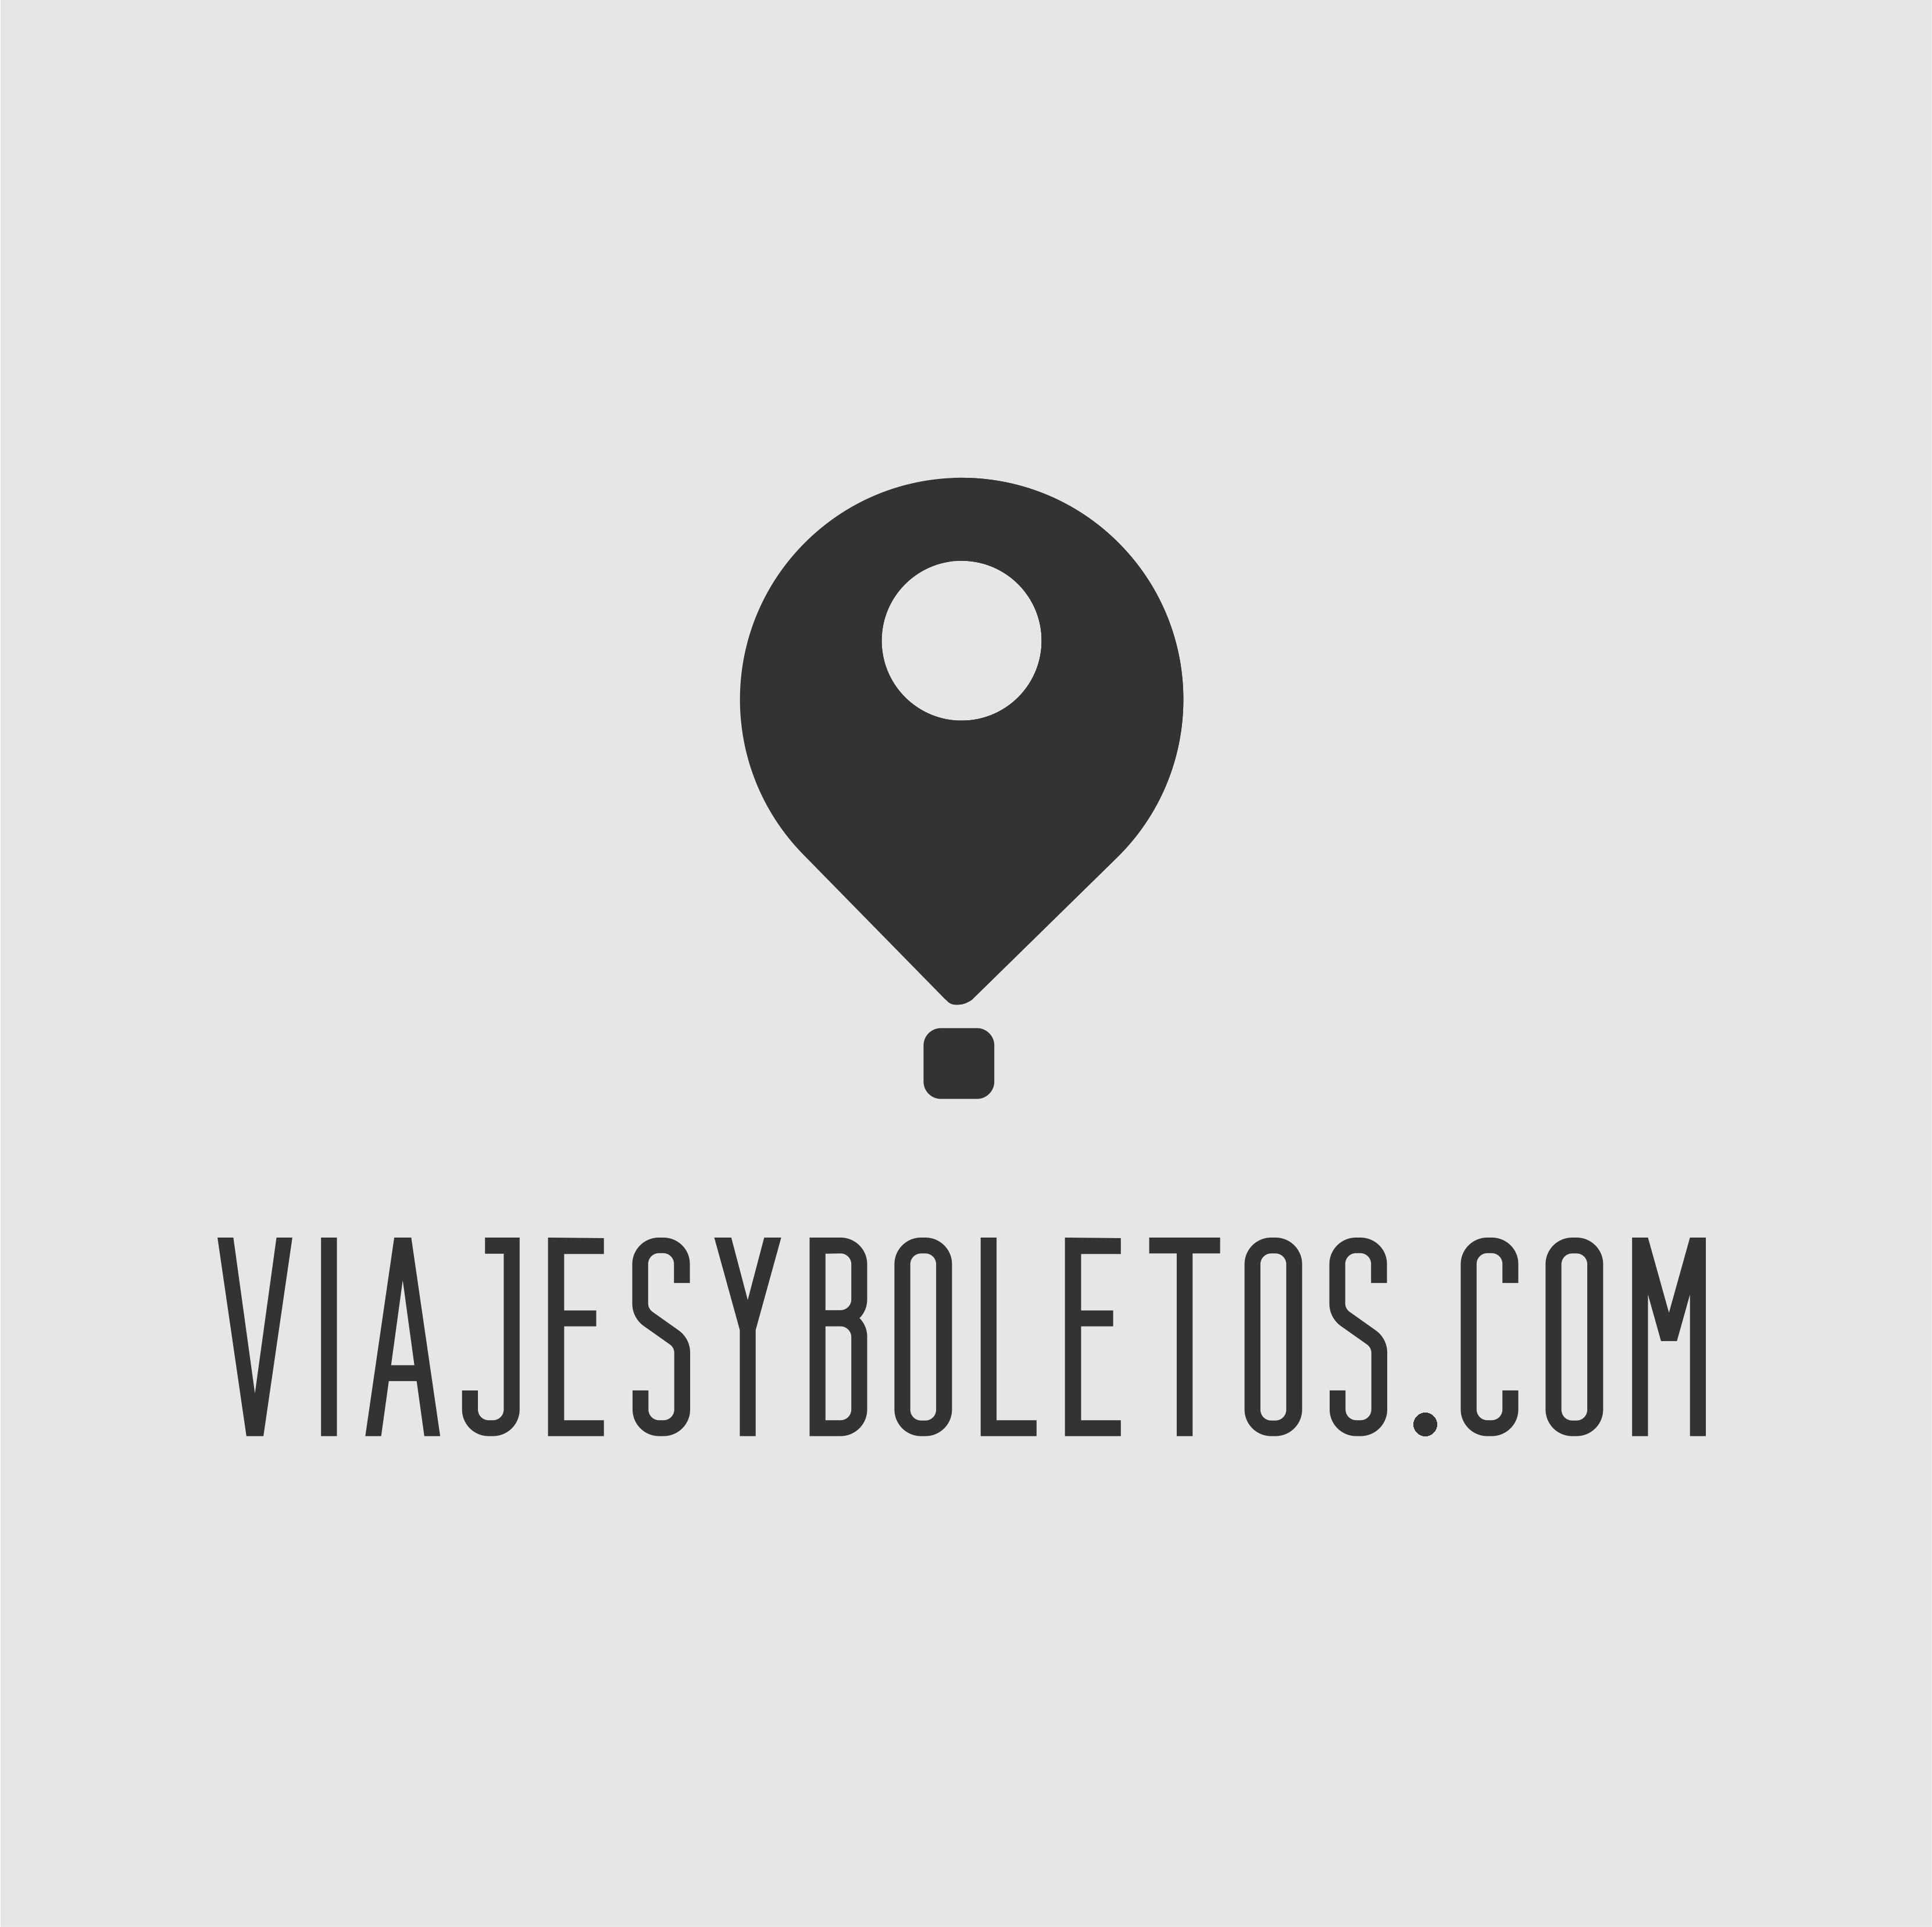 Logotipo Viajes Y Boletos